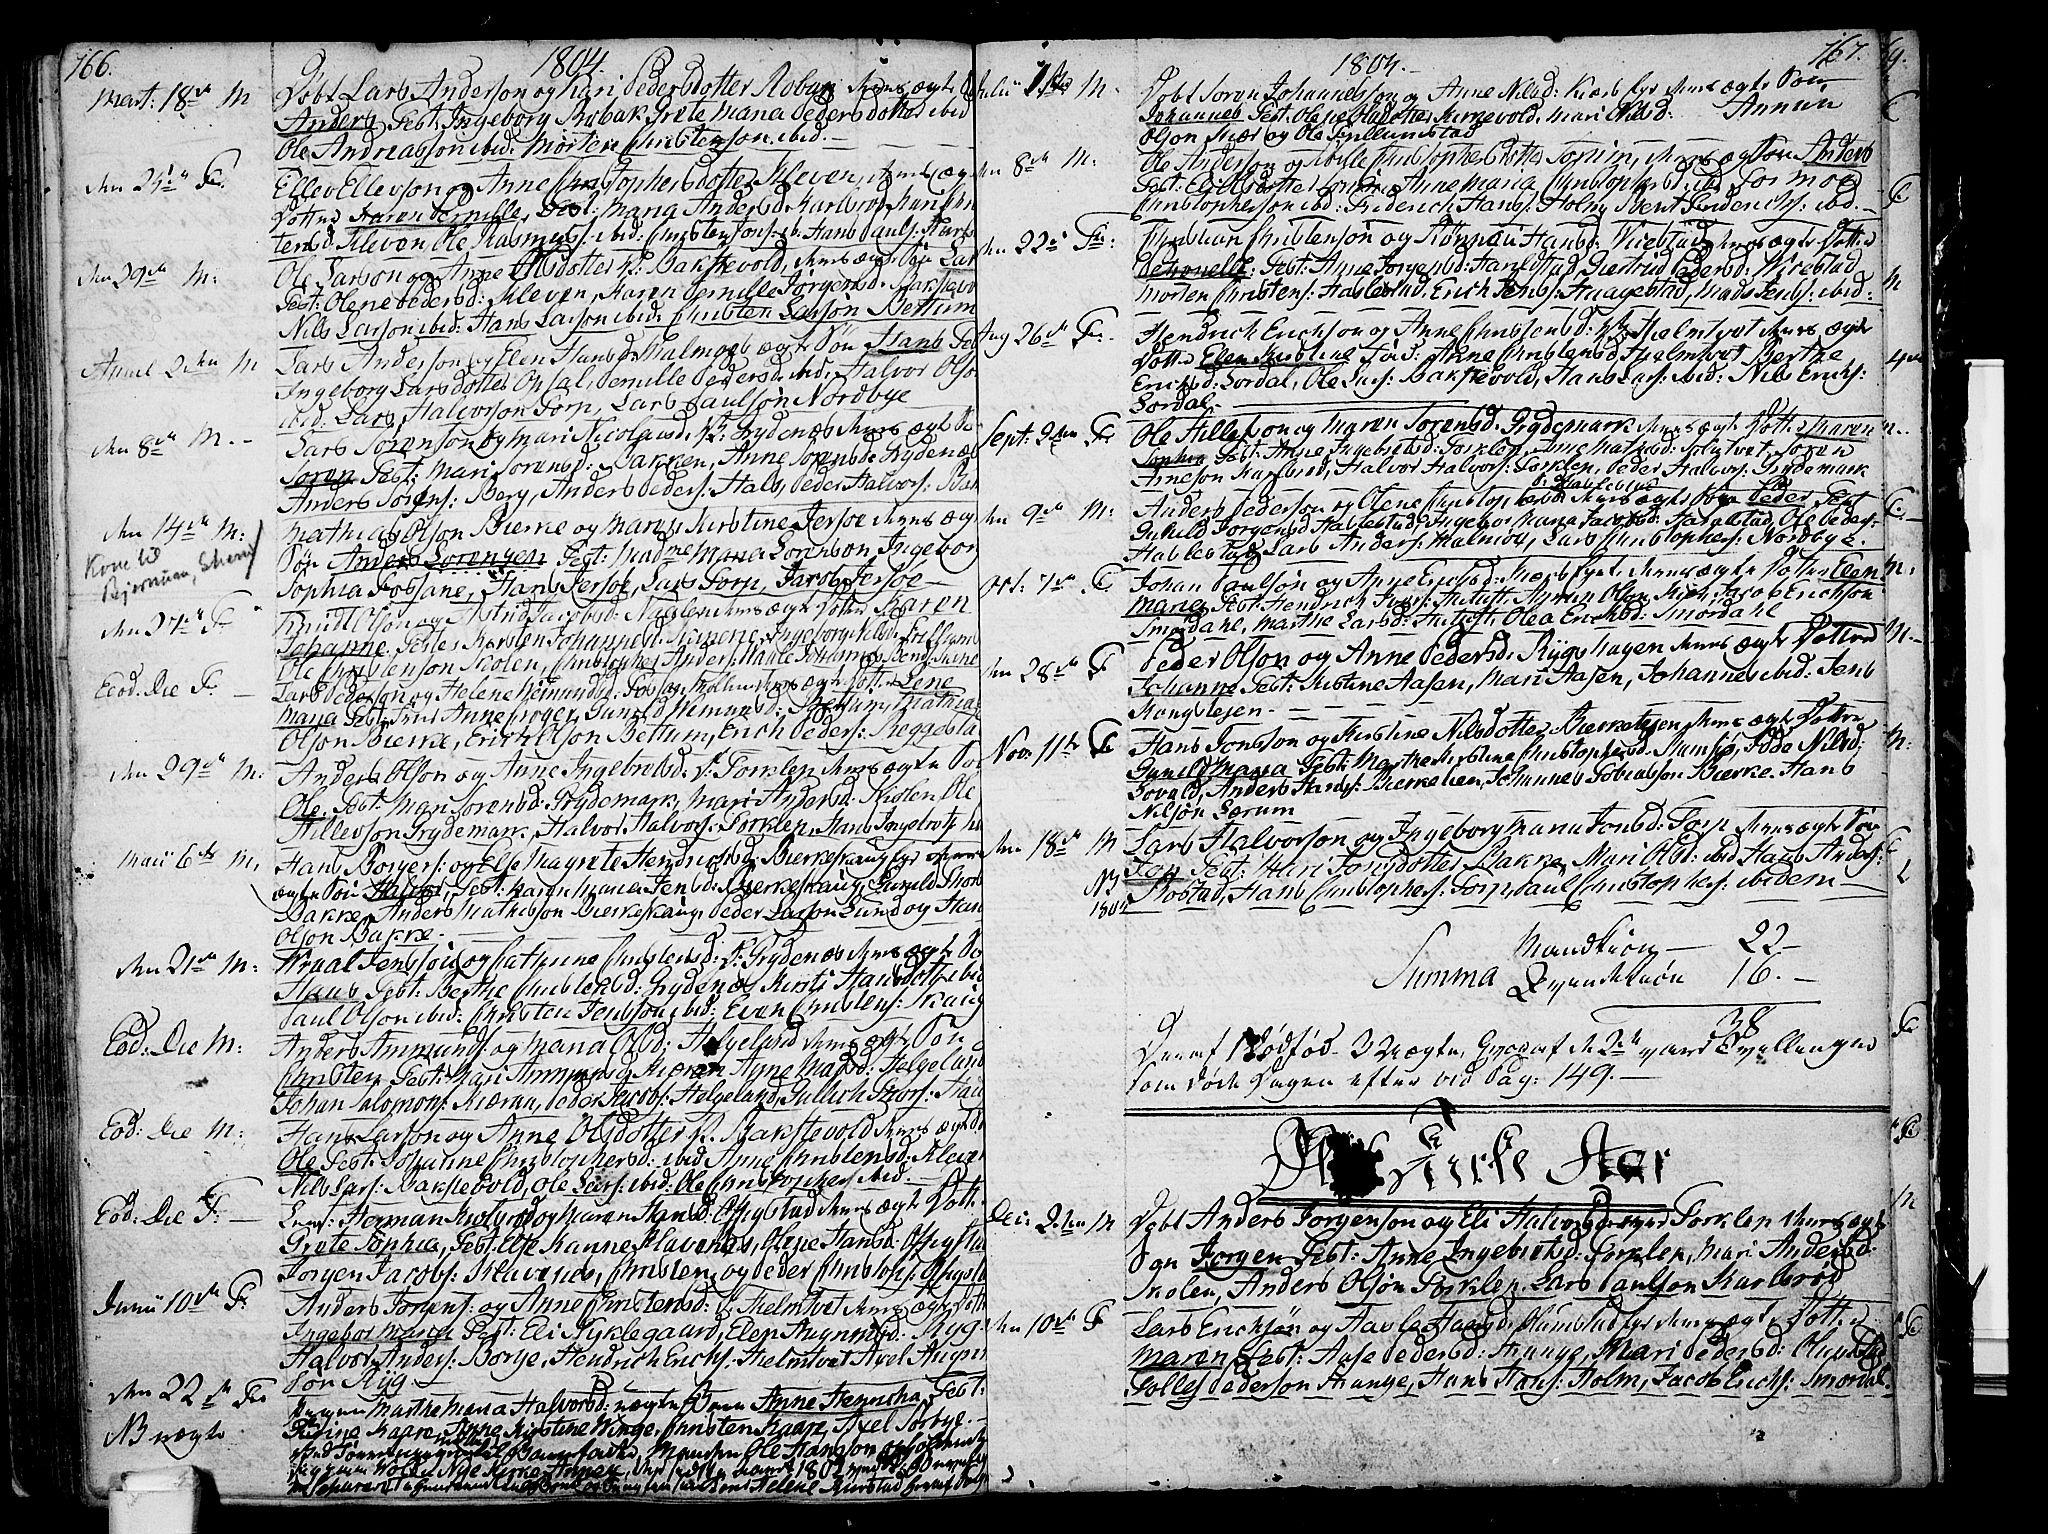 SAKO, Våle kirkebøker, F/Fa/L0005: Ministerialbok nr. I 5, 1773-1808, s. 166-167